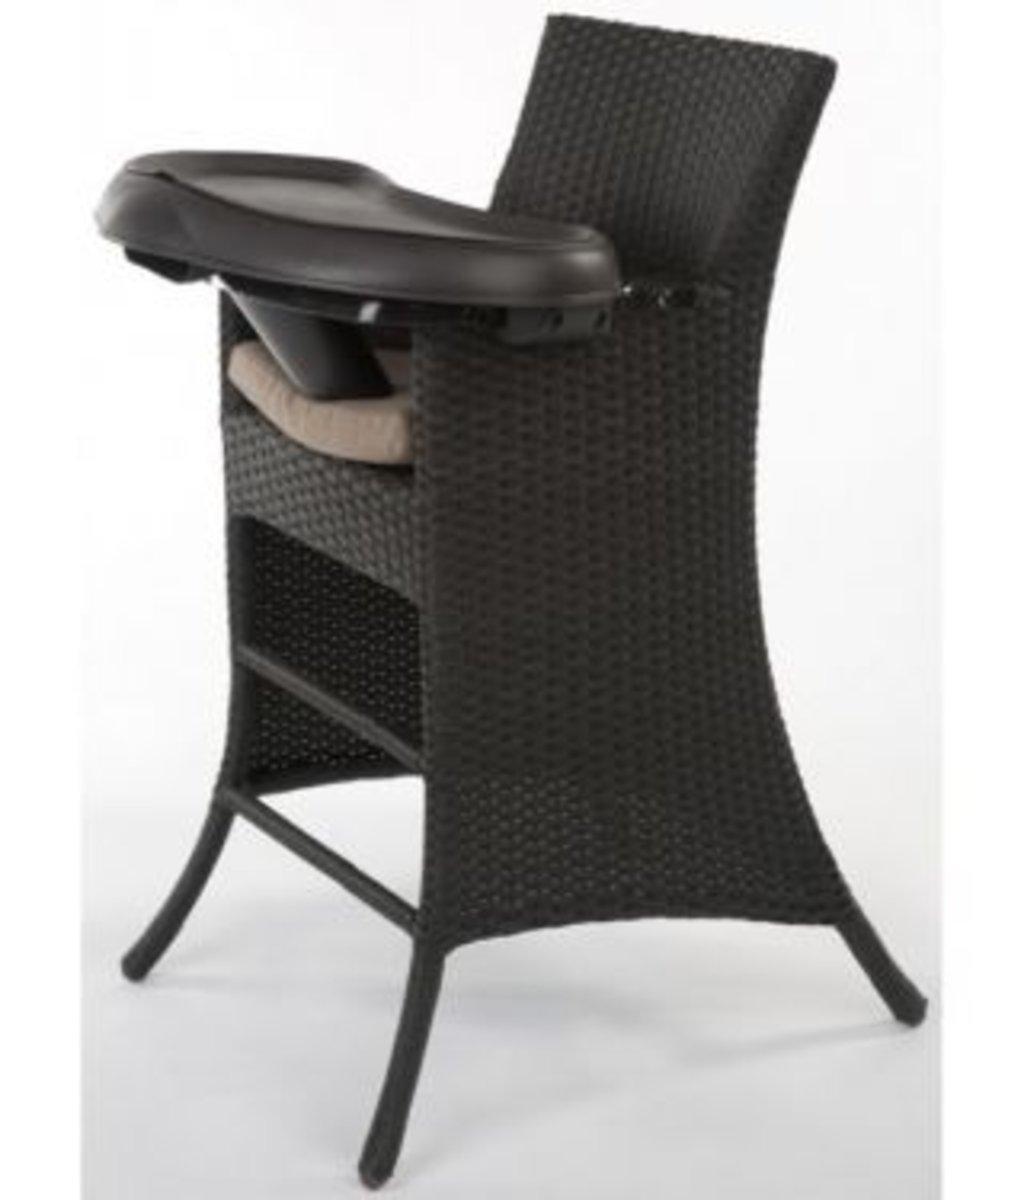 liste de naissance d 39 eleanor coste sur mes envies. Black Bedroom Furniture Sets. Home Design Ideas